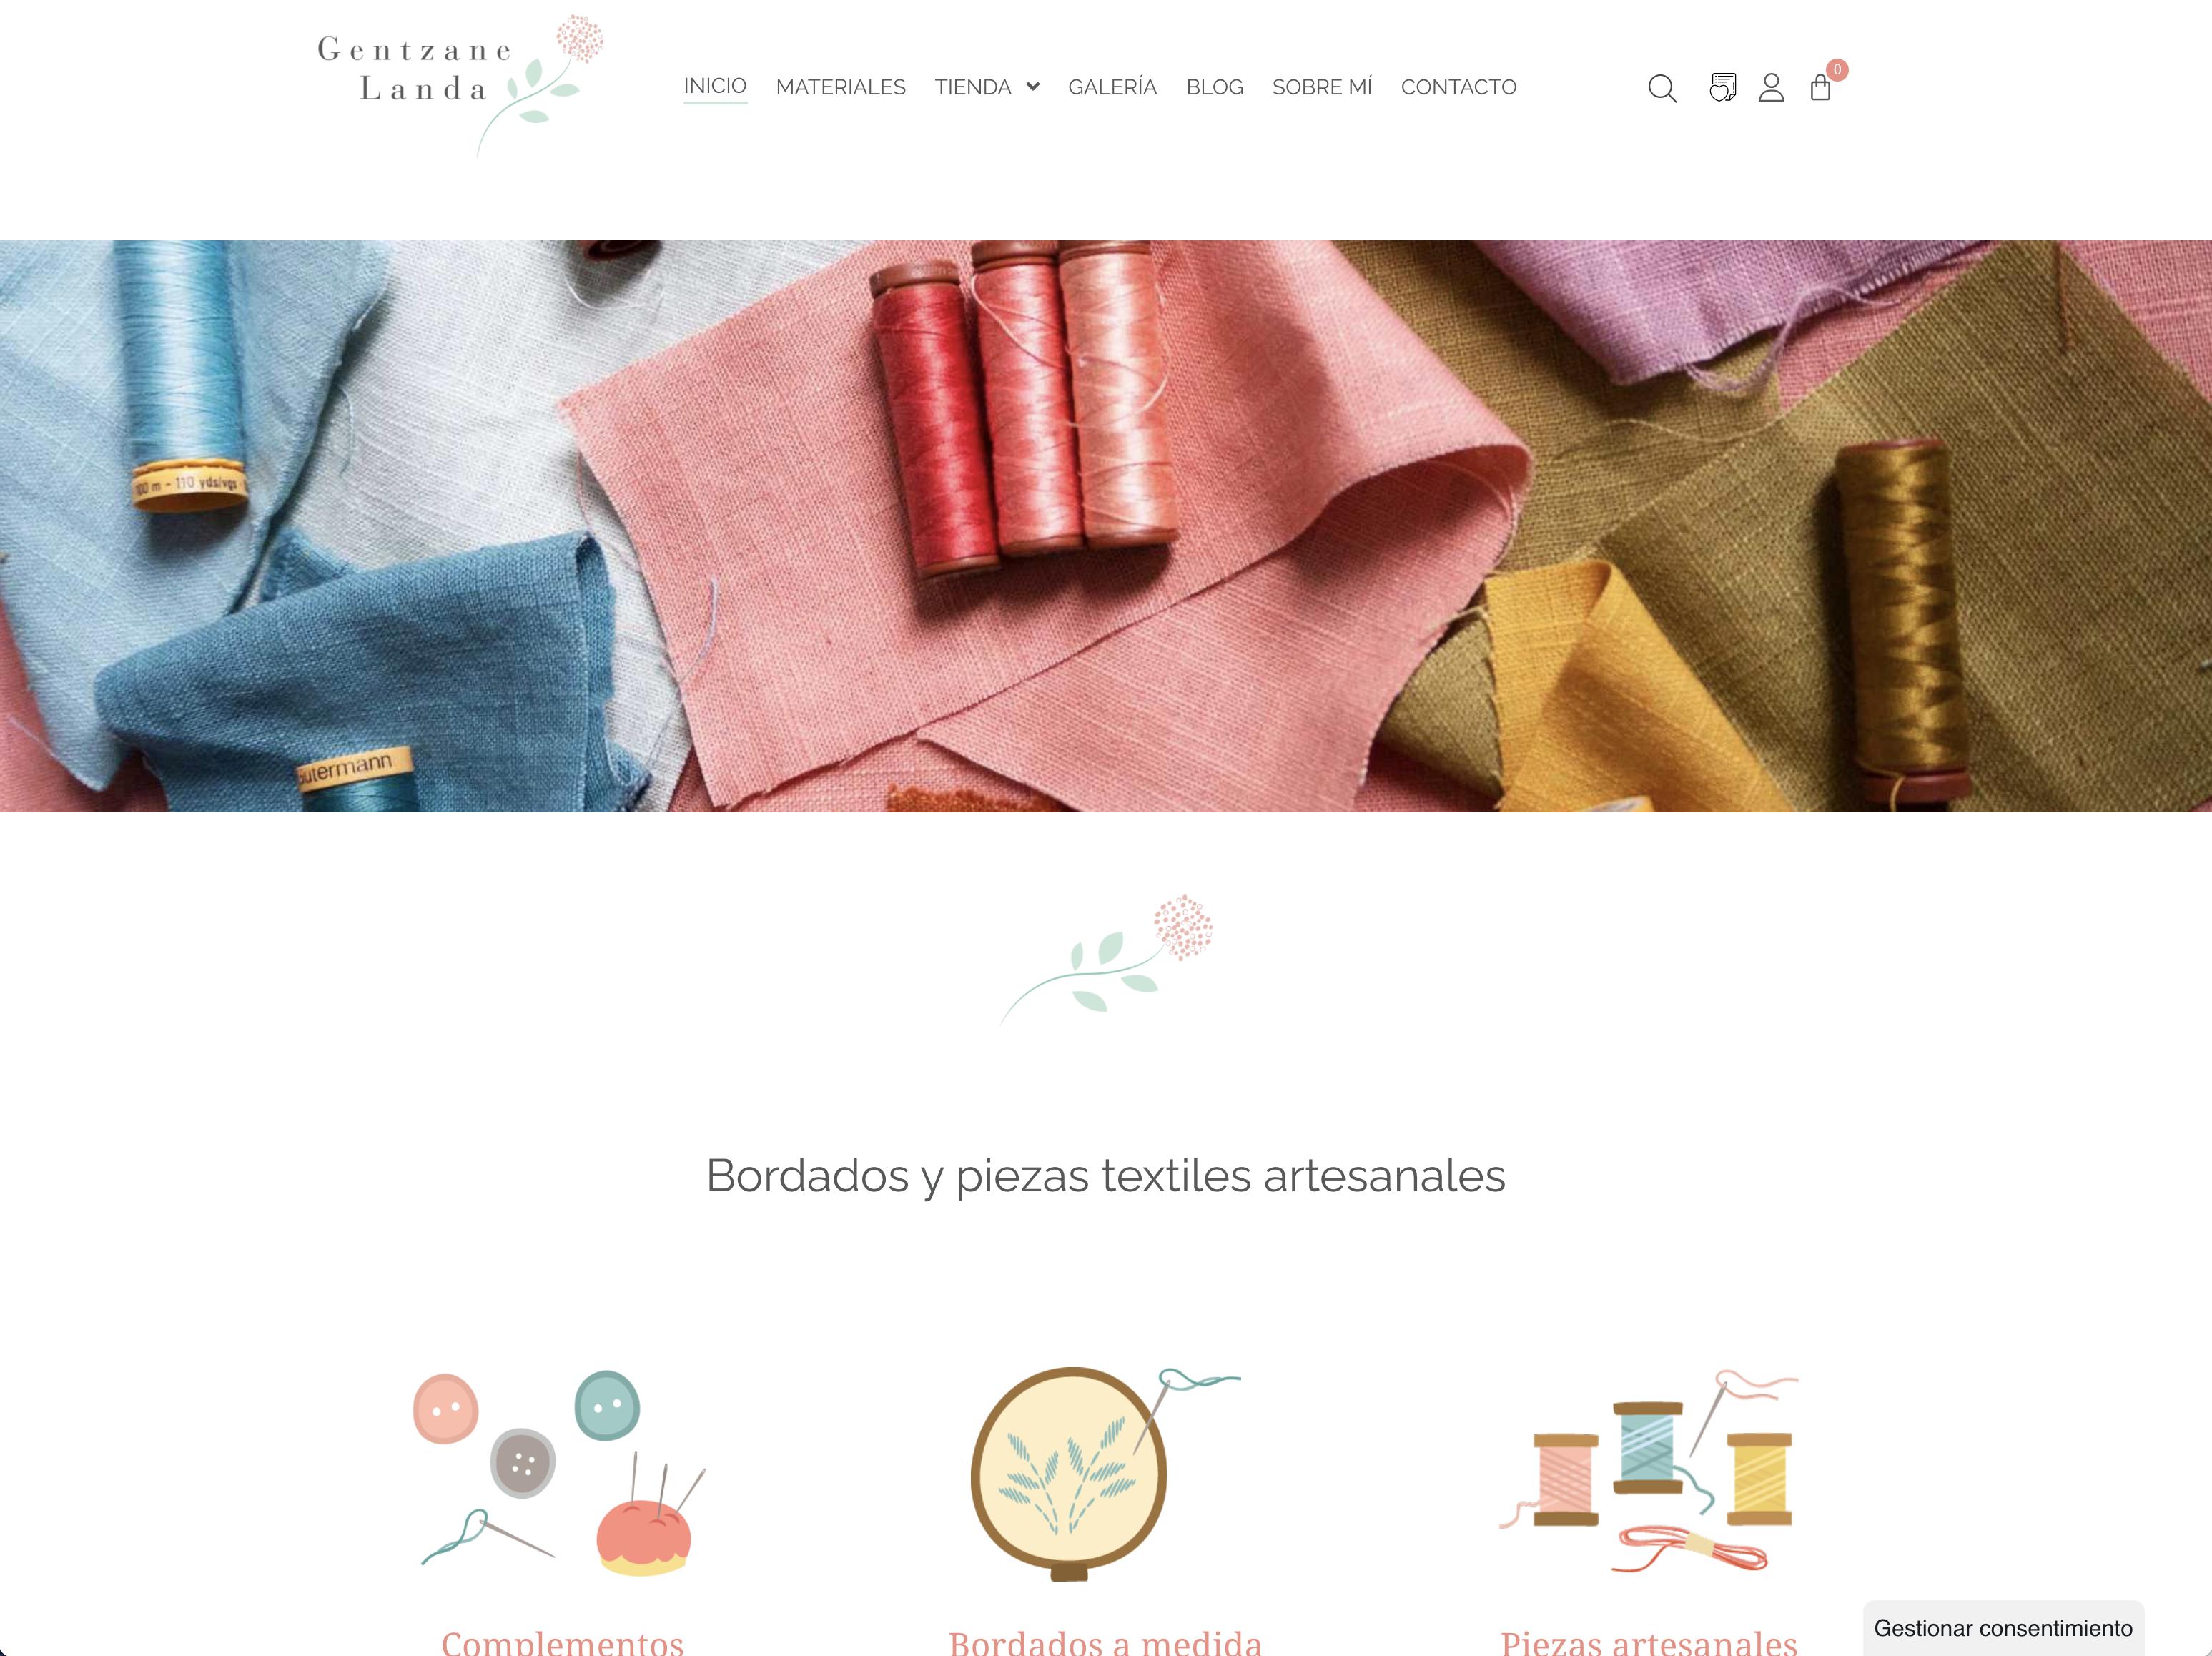 Diseño y desarrollo Gentzane Landa - gentzanelanda.com